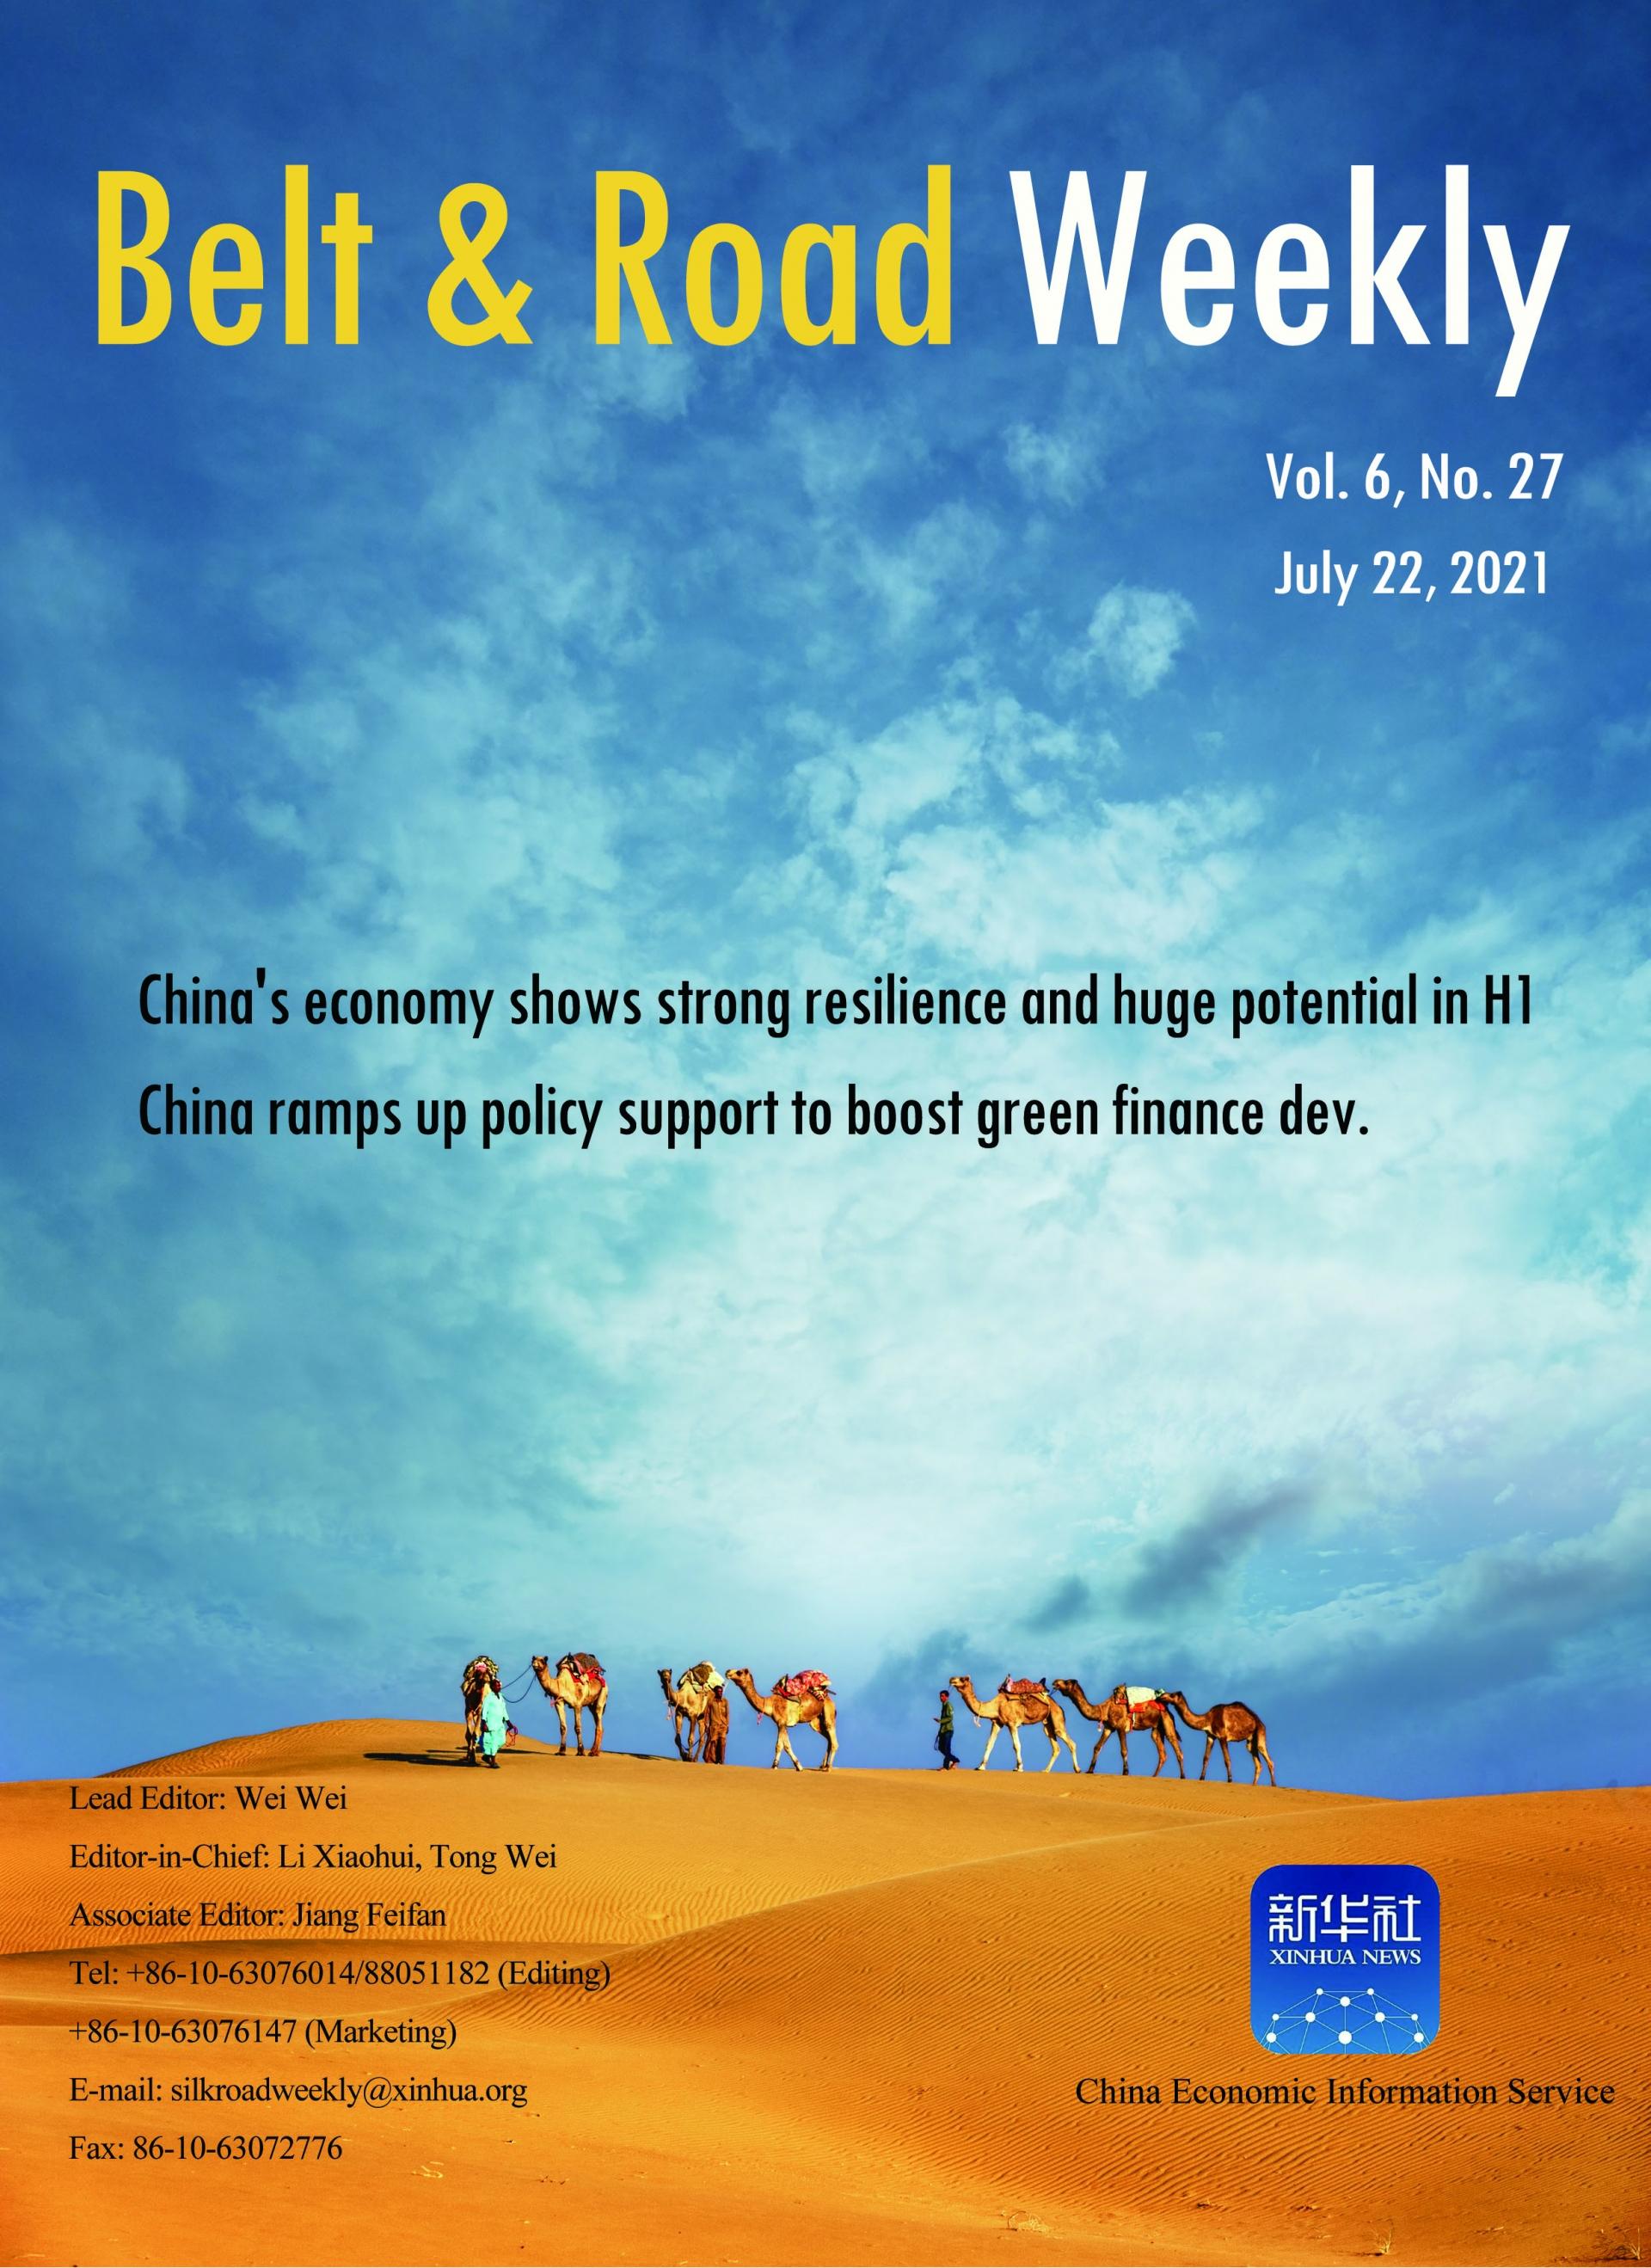 Belt & Road Weekly Vol. 6 No. 27